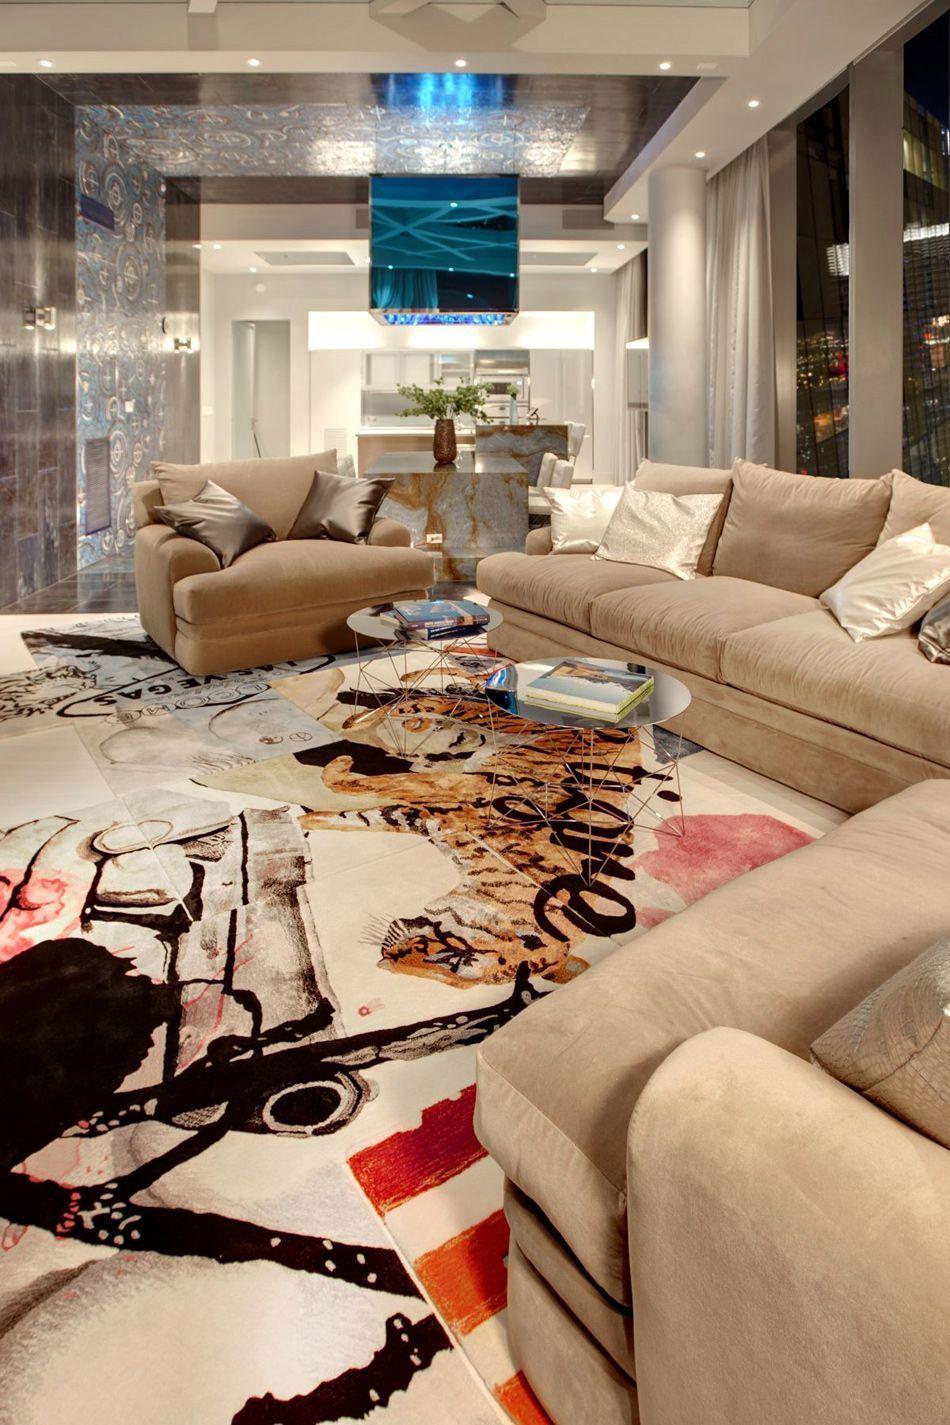 Las Vegas Penthouses for Sale Modern apartment decor